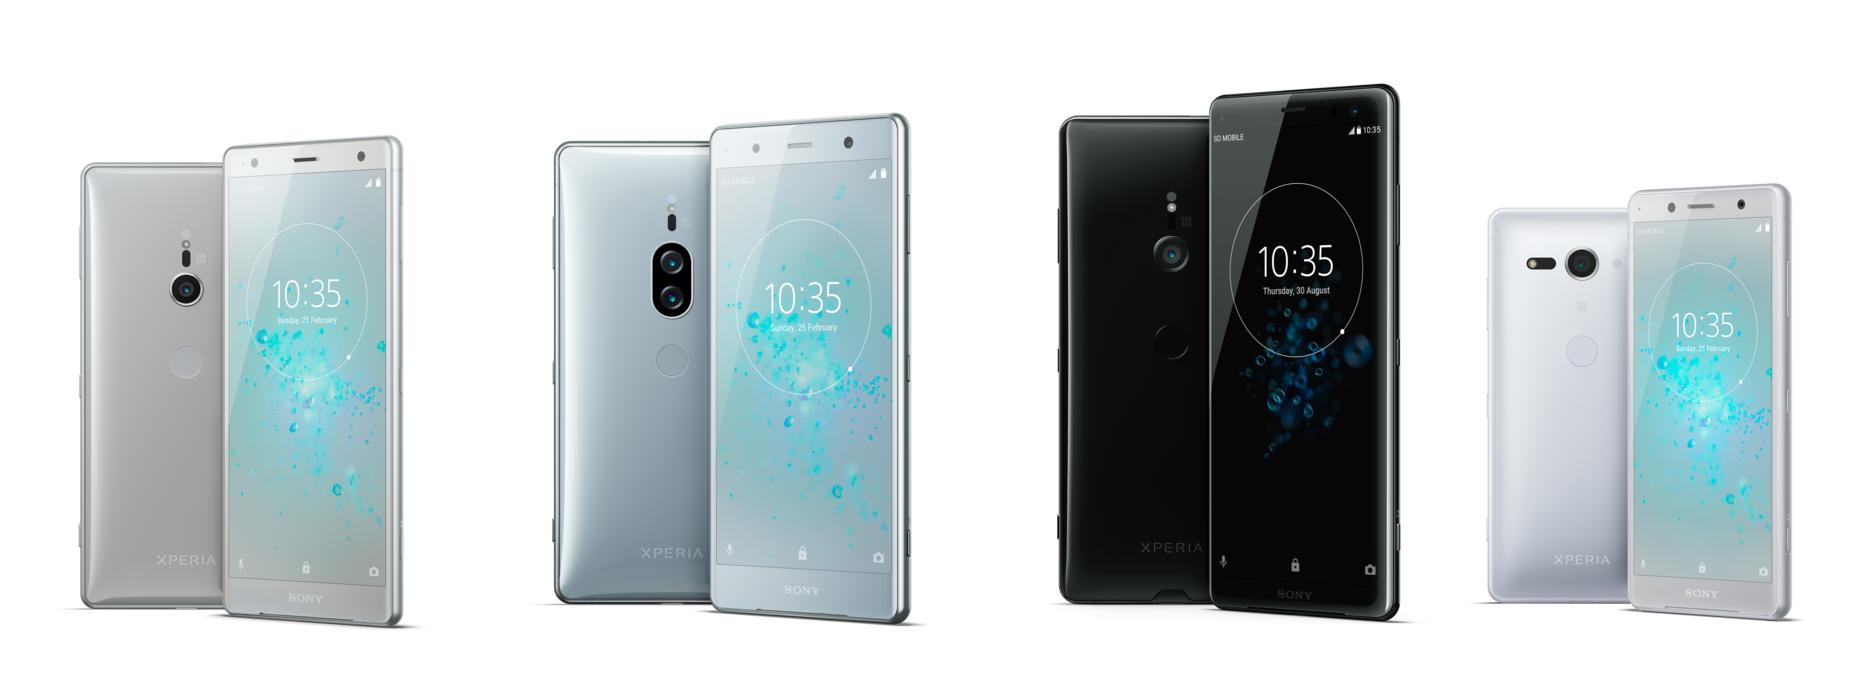 Mundophone Sony Xperia Xz2 Xz2 Compact Xz2 Premium And Xz Em 2020